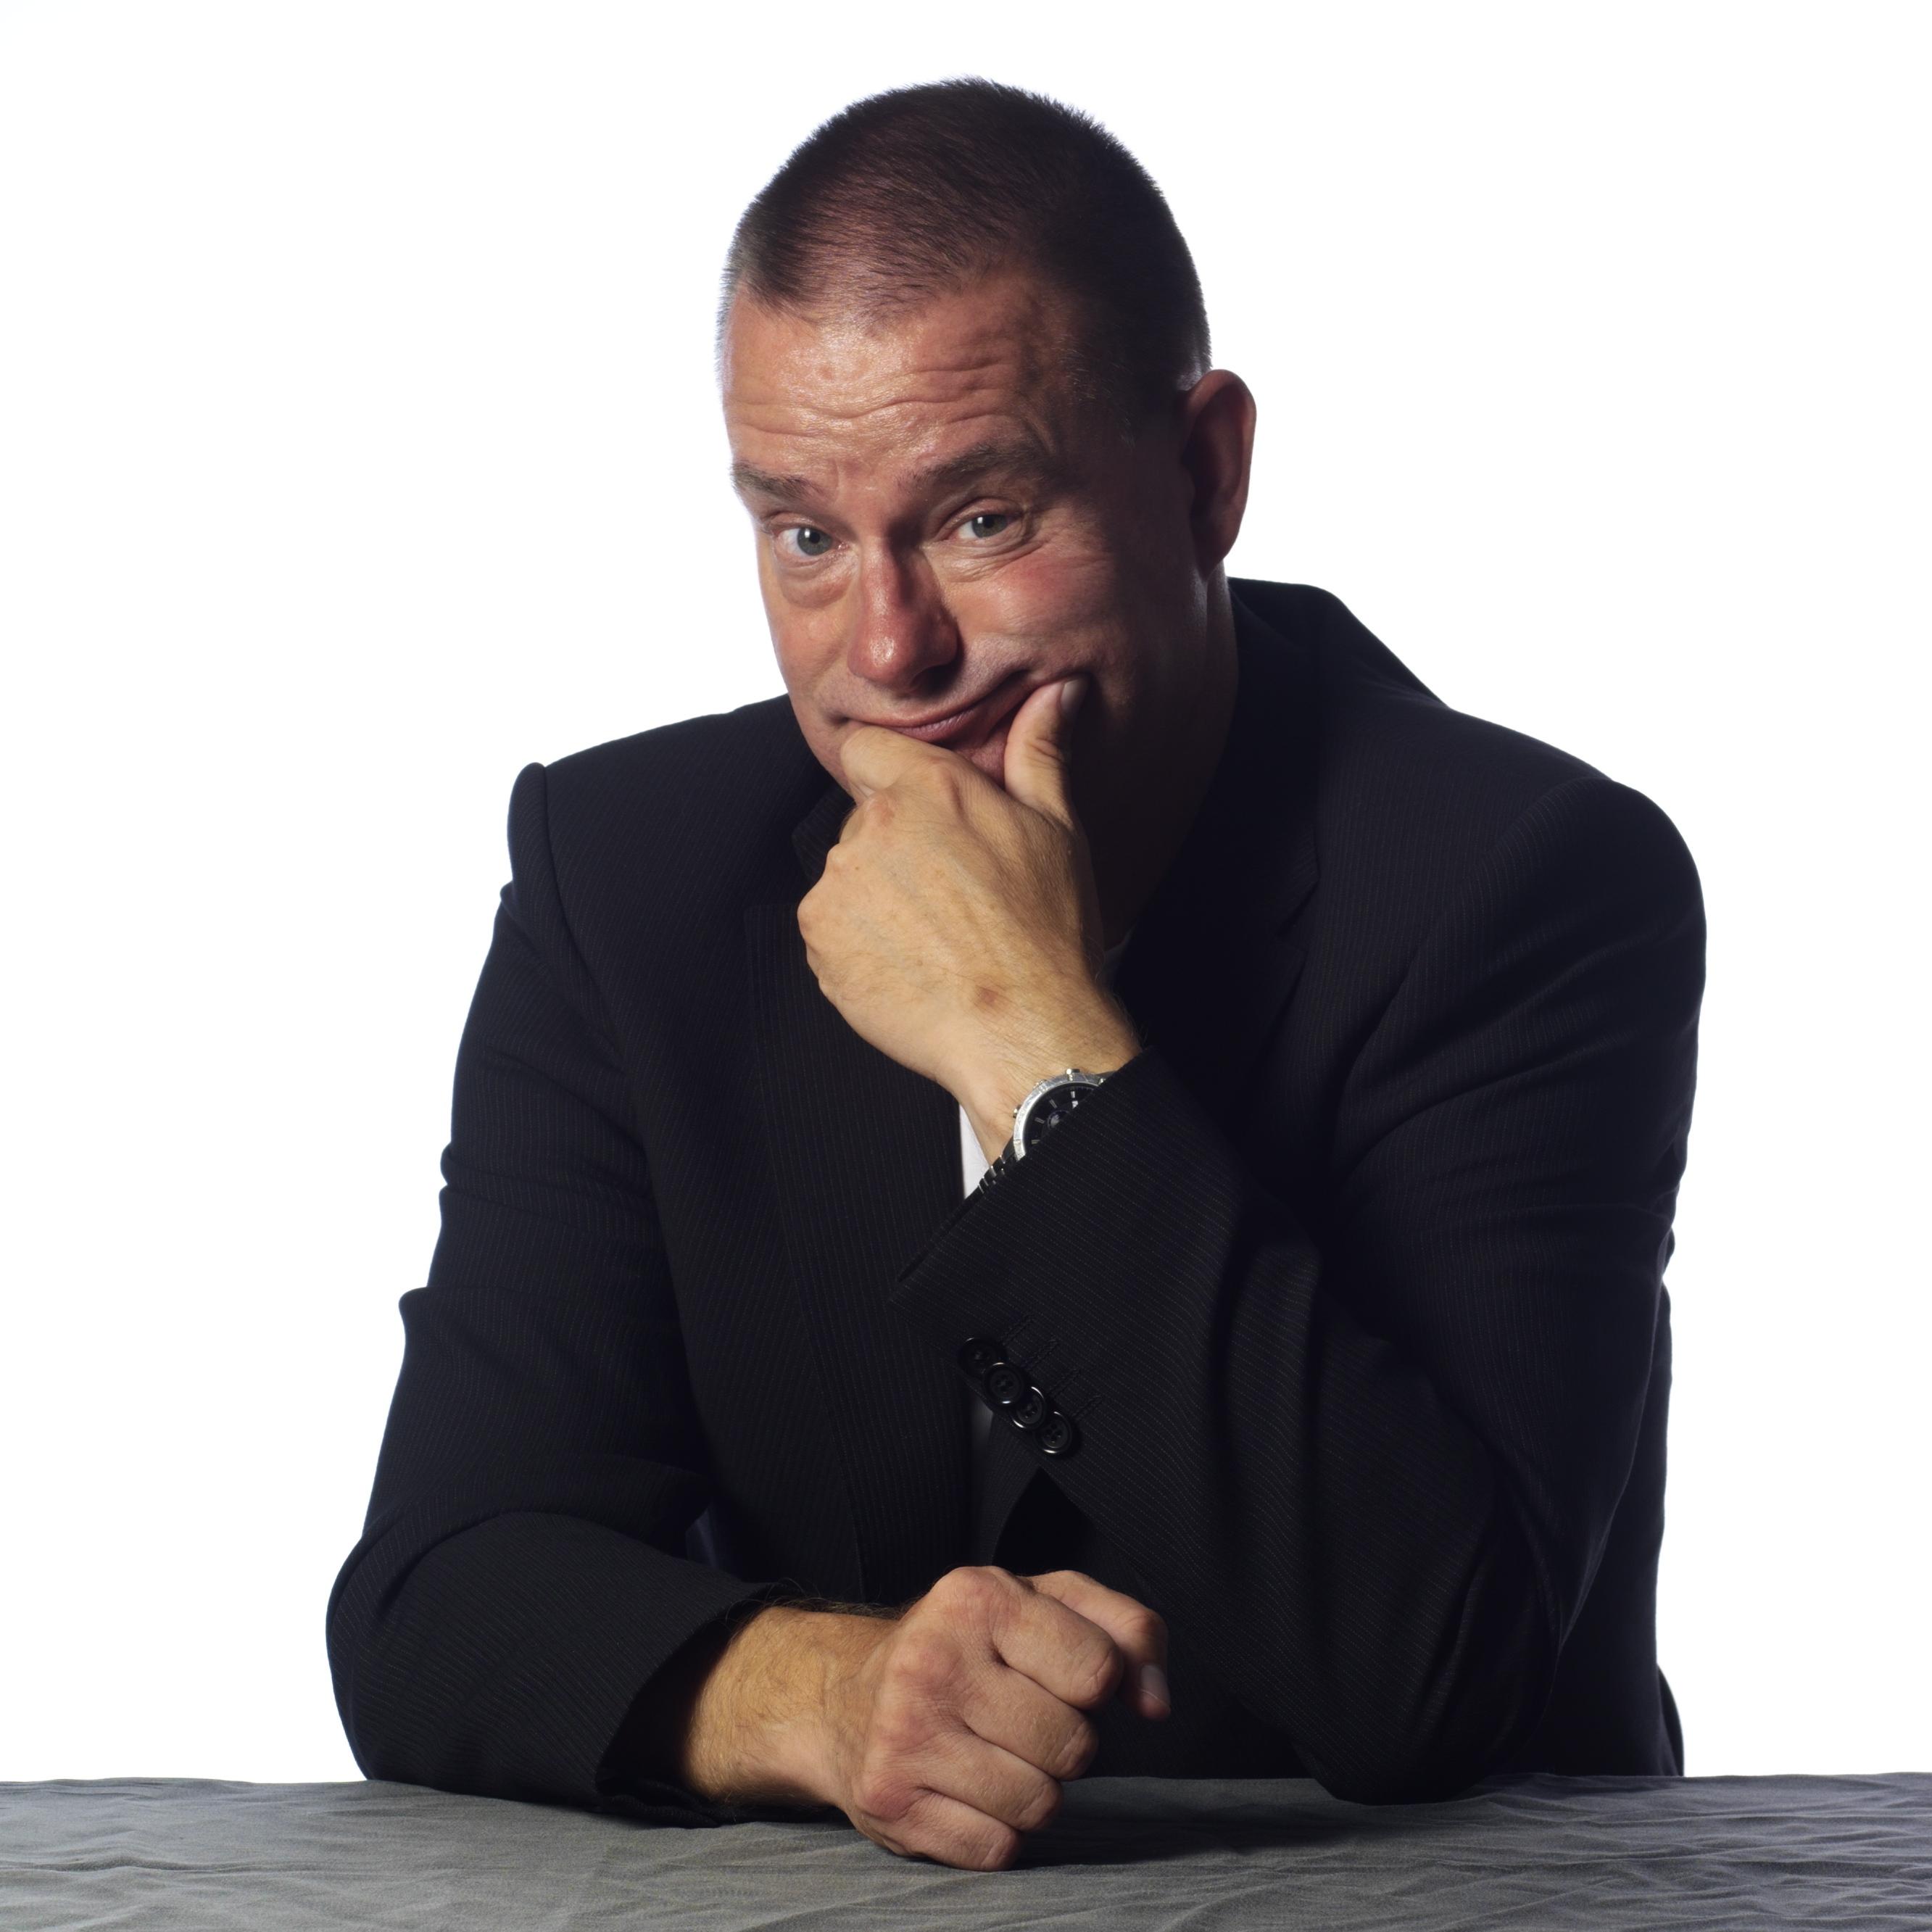 Poul Guldborg